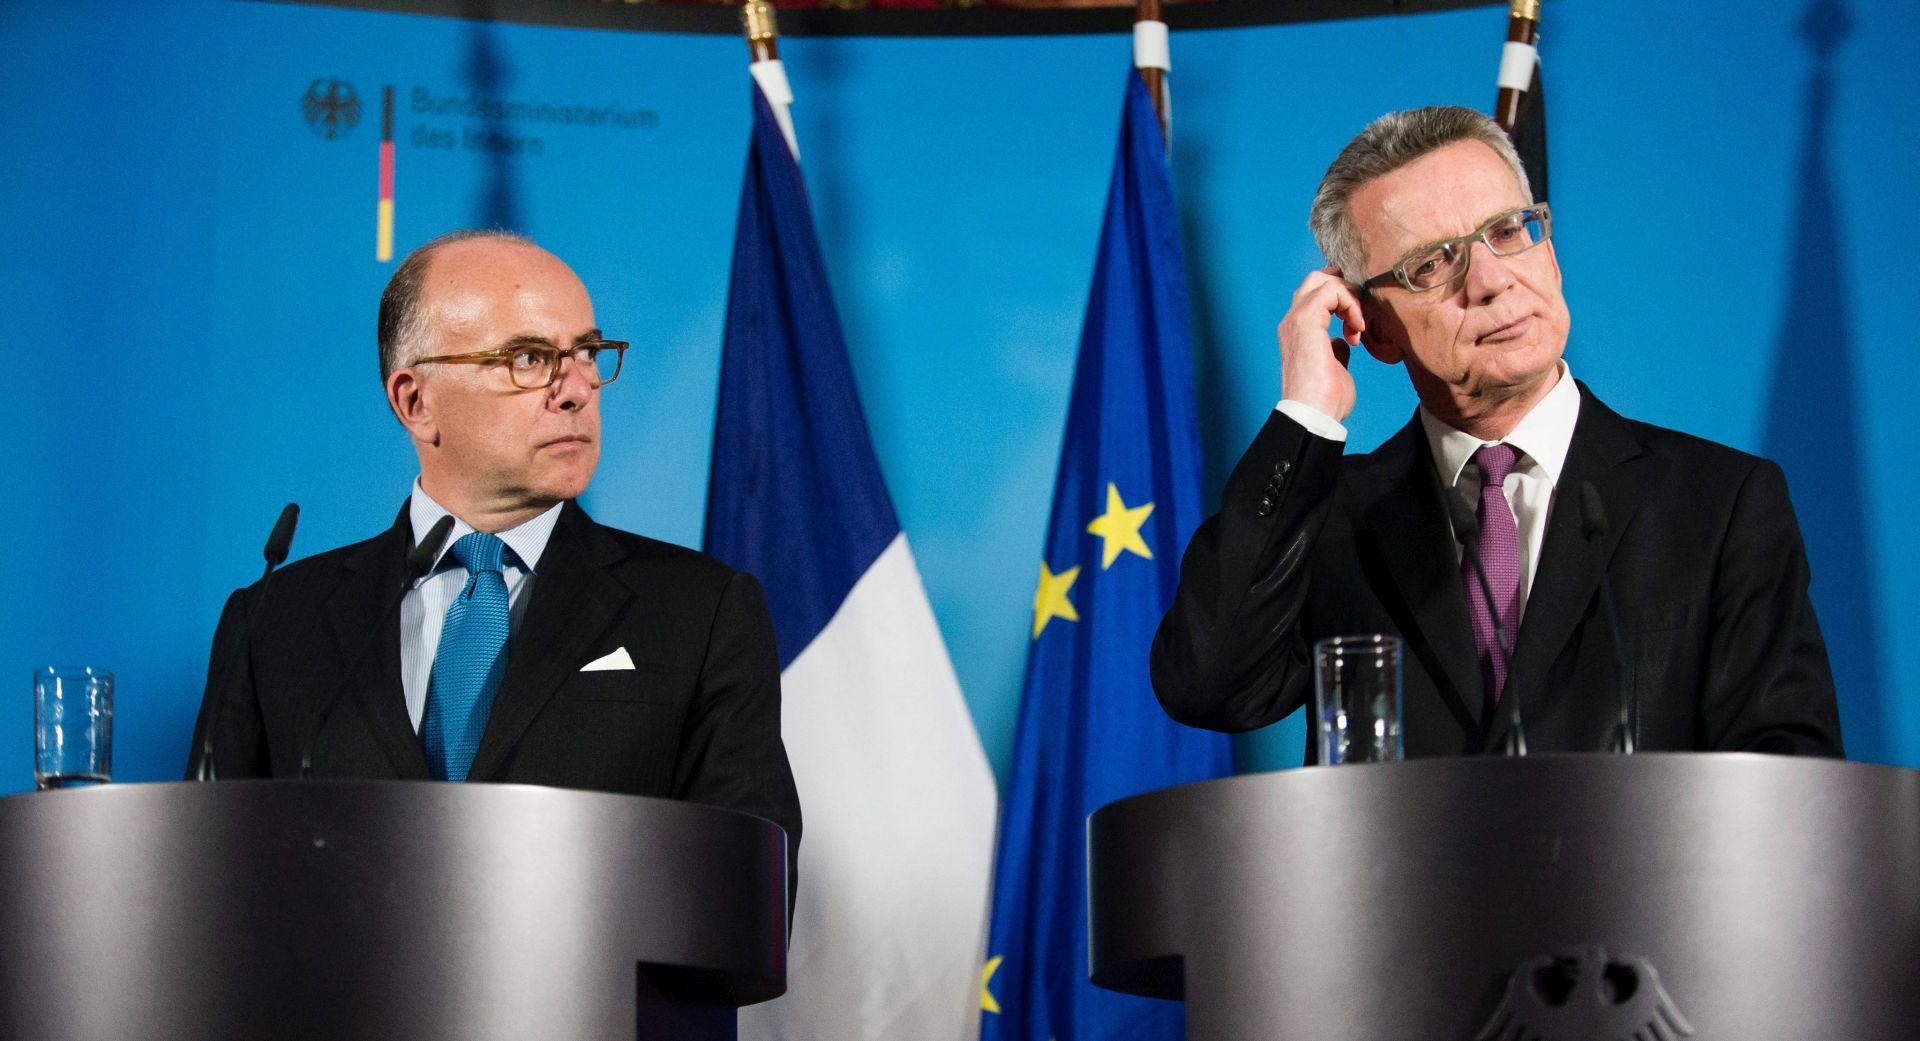 IMIGRANTSKA KRIZA Europsku komisiju razljutile francusko-njemačke kritike